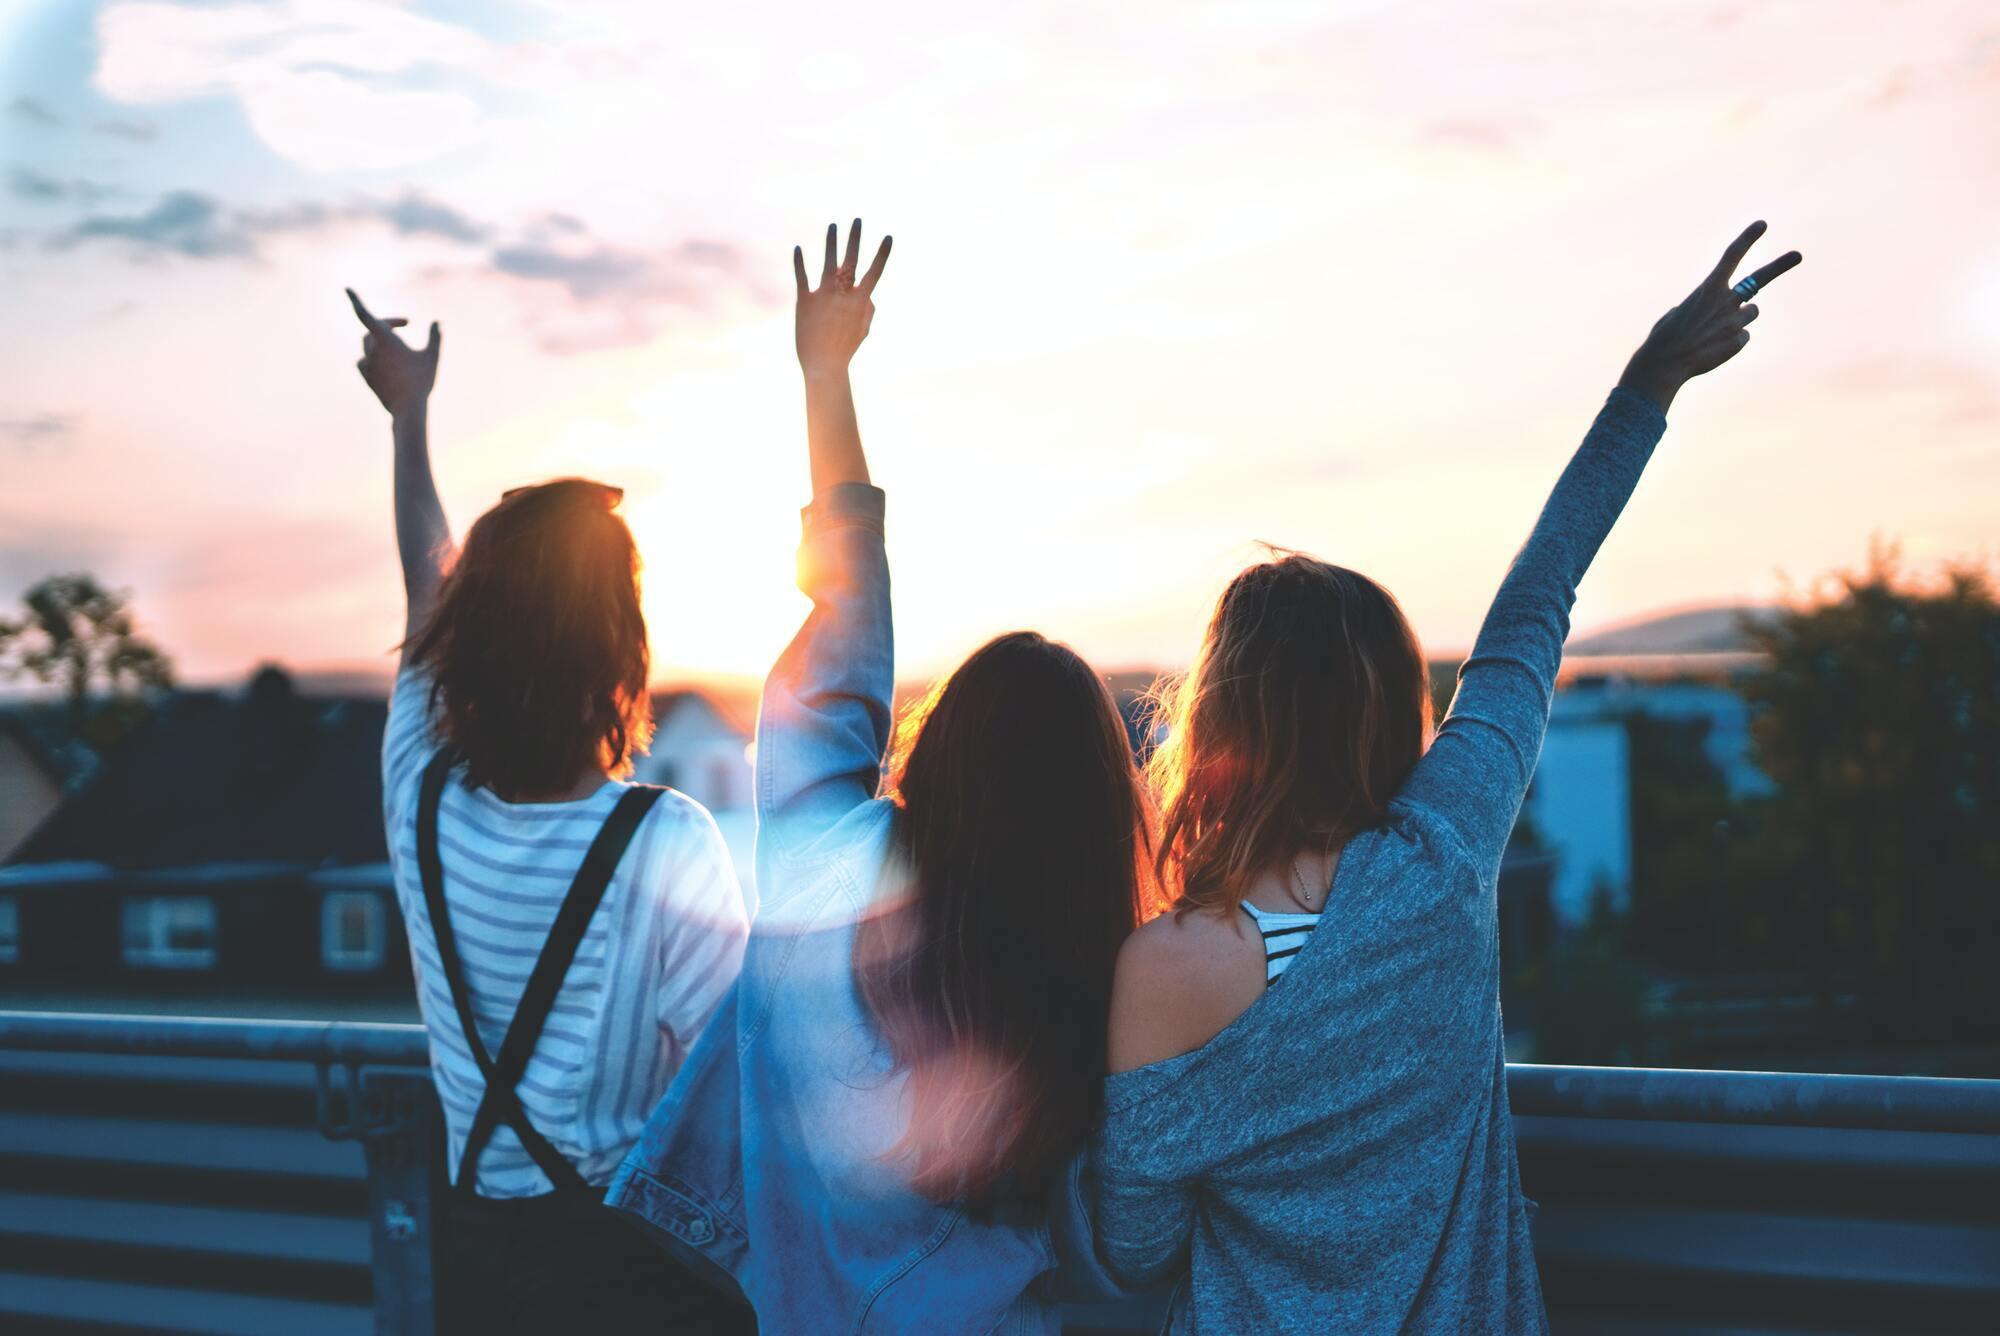 День молодежи в Украине в 2021 году выпадает на 27 июня